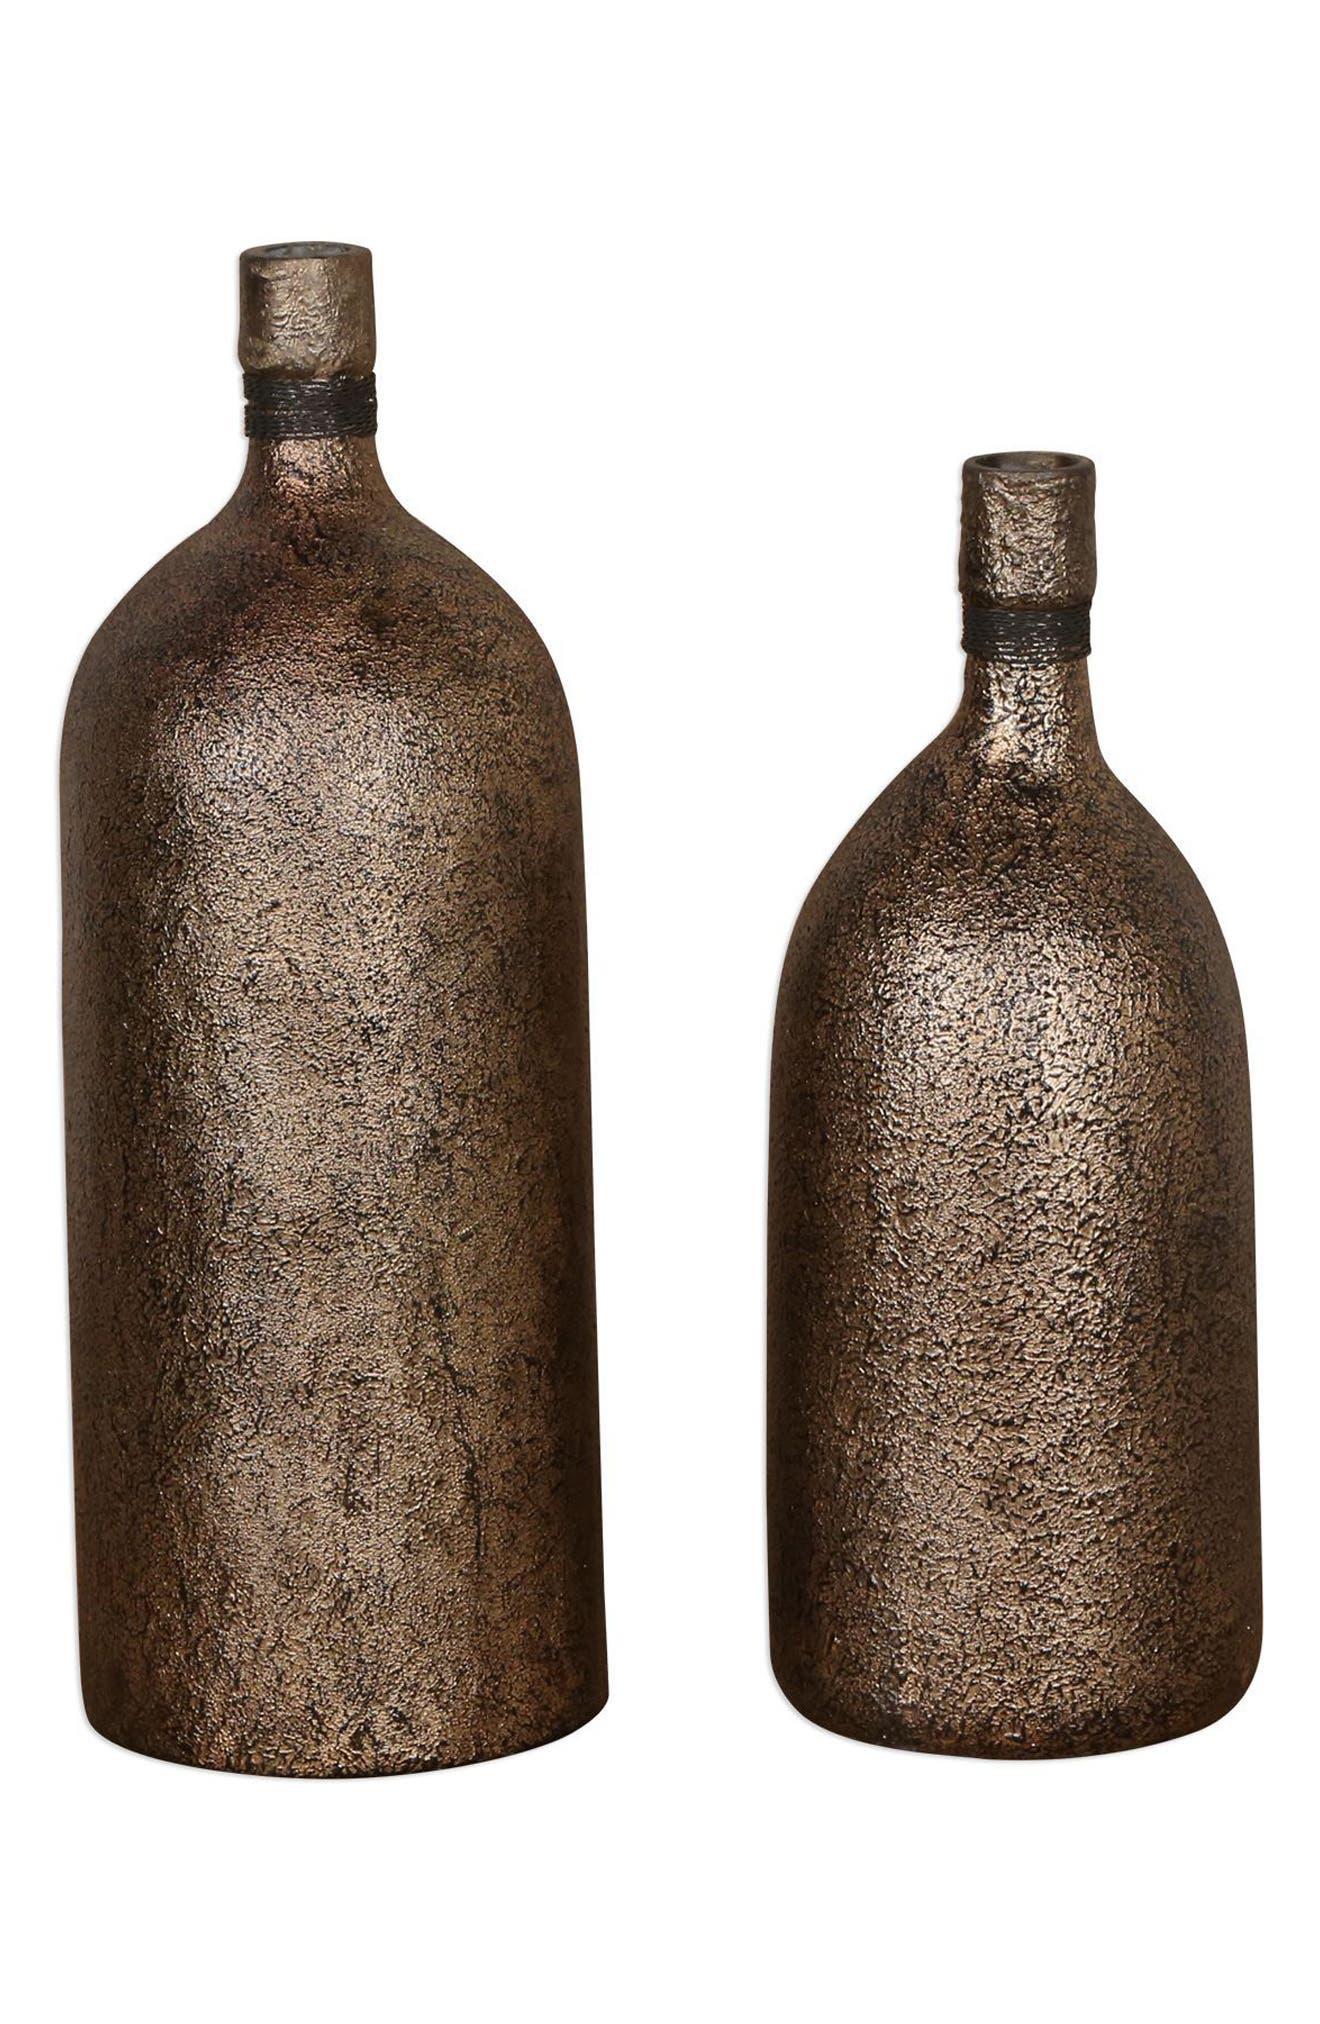 Biren Set of 2 Vases,                         Main,                         color, Metallic Rust/ Copper